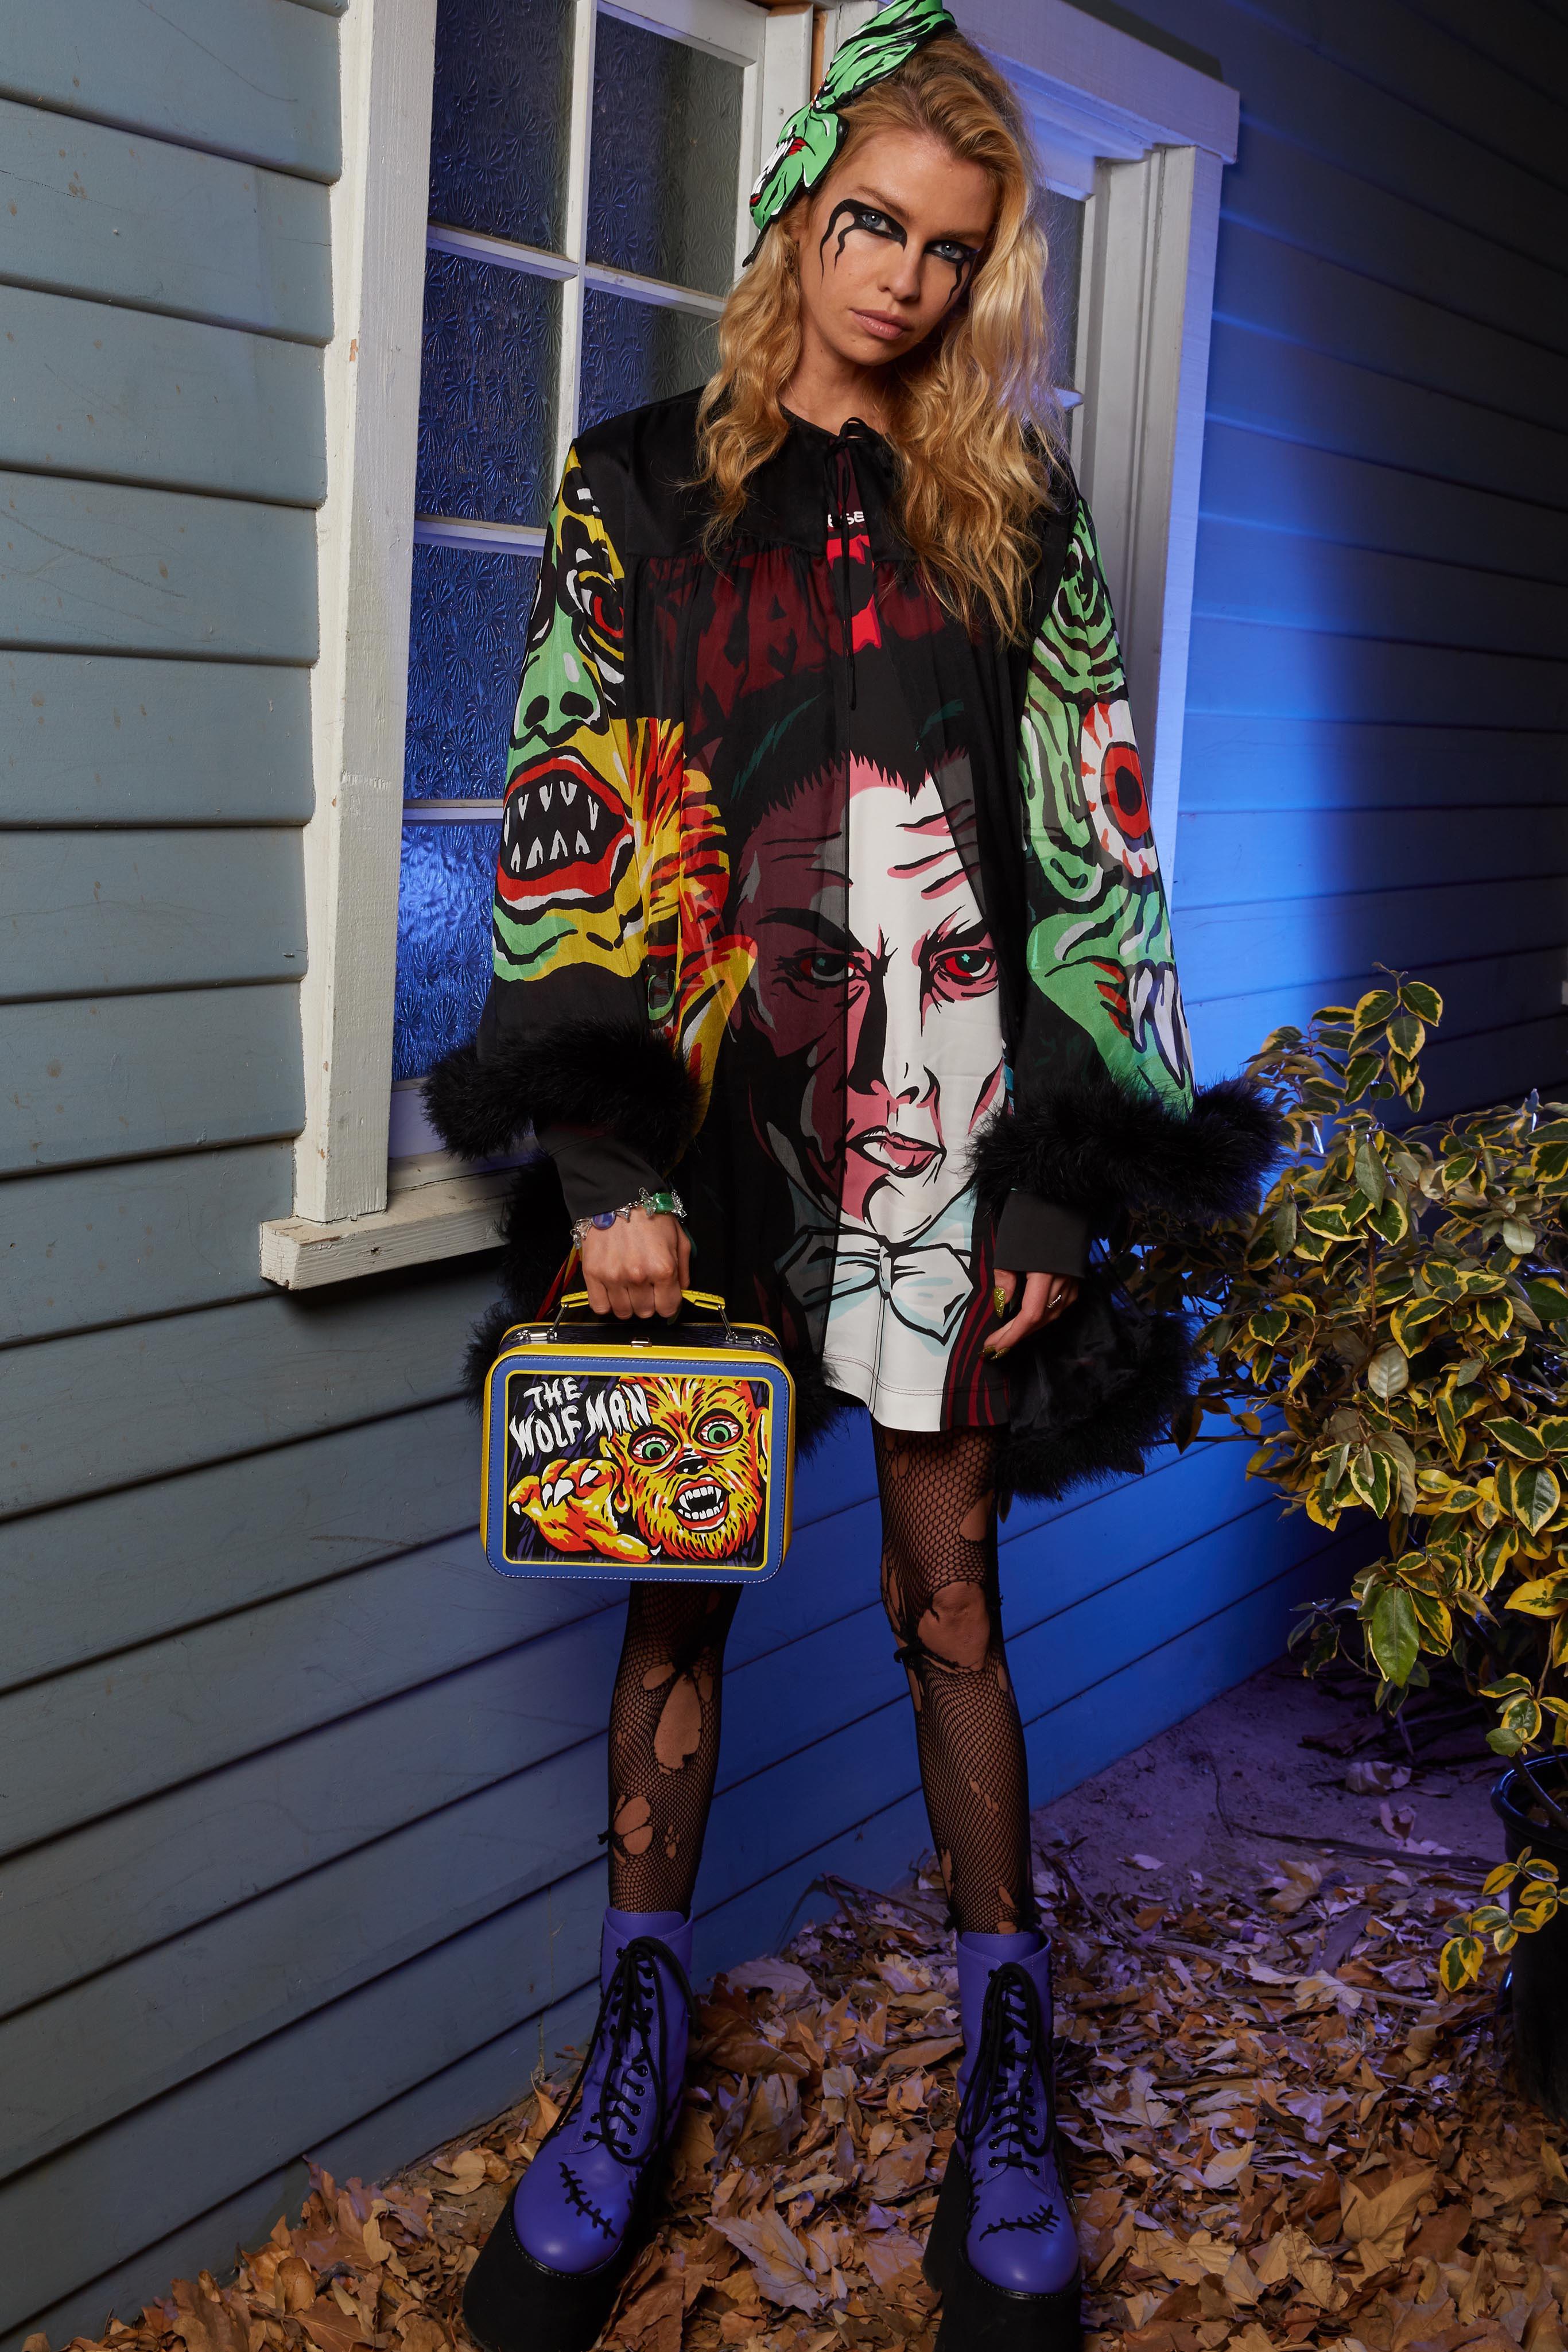 Halloween Show 2020 Moschino Resort 2020 Fashion Show | Halloween fashion, Fashion